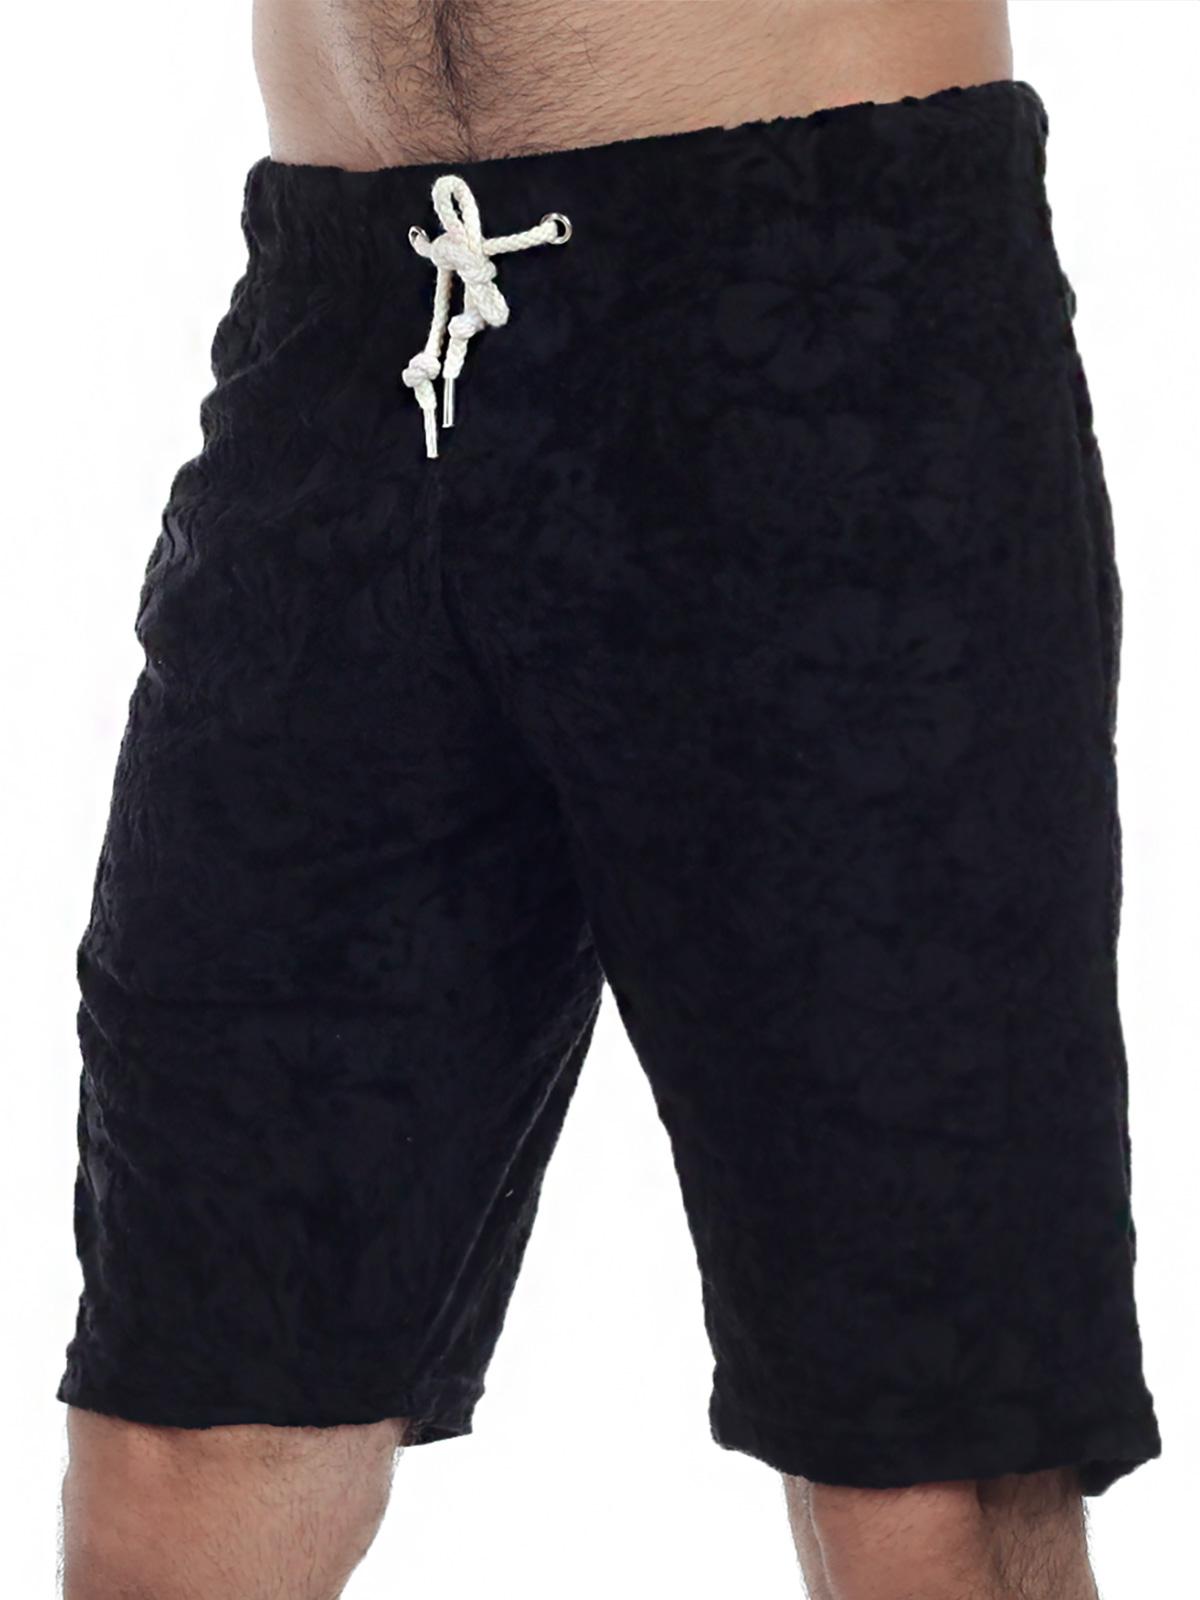 Многофункциональные мужские шорты Growth by Grail